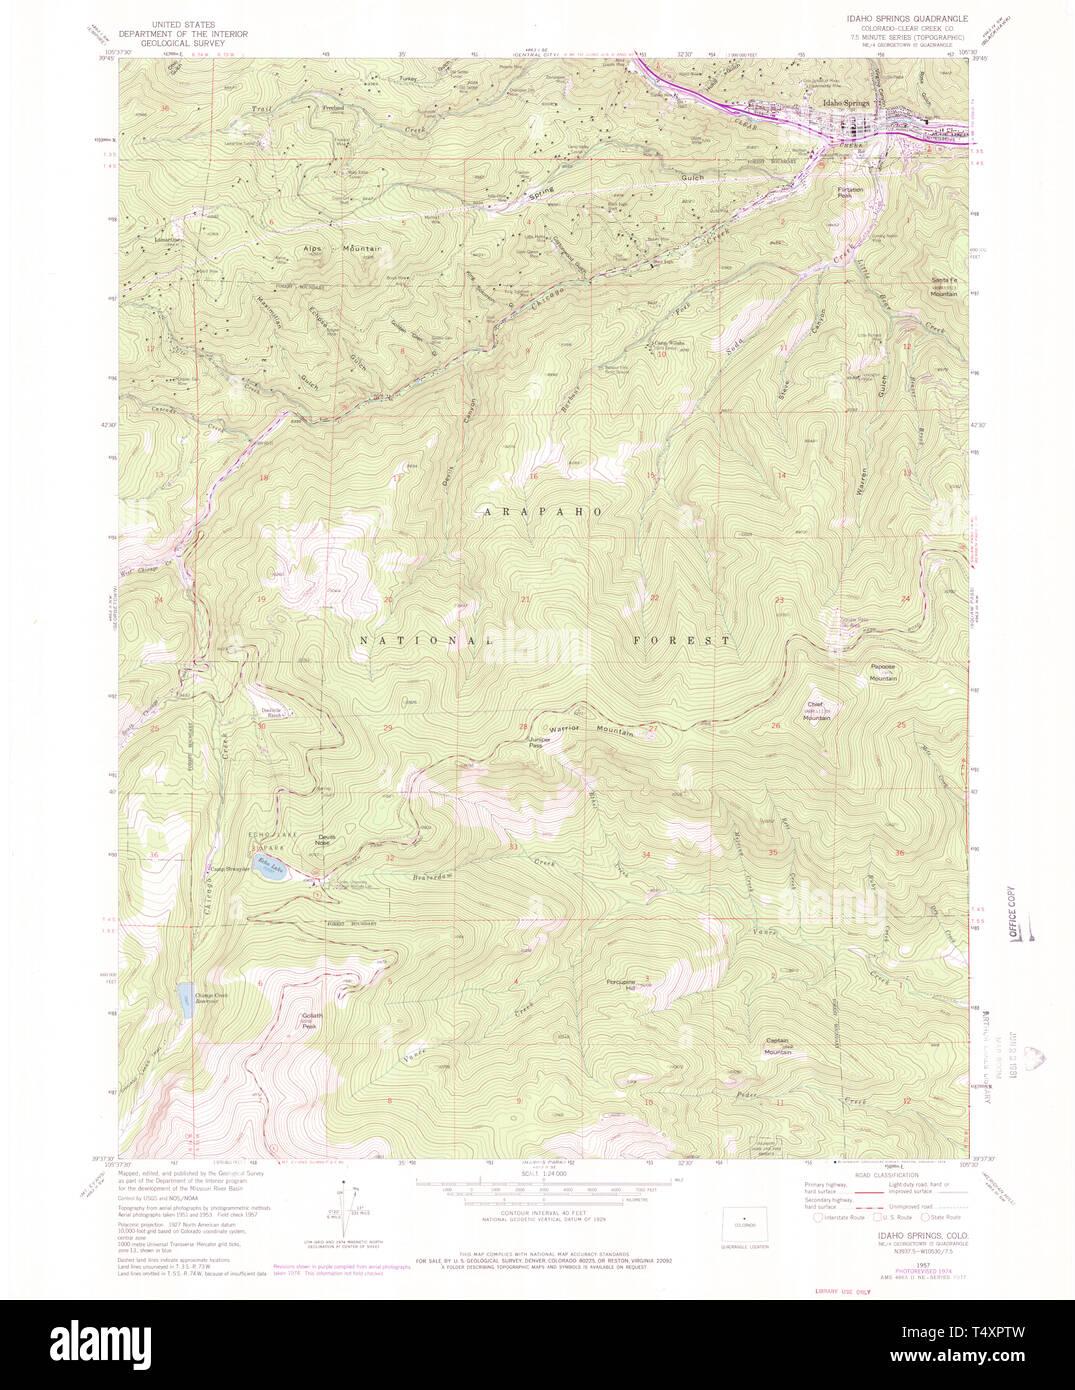 USGS TOPO Map Colorado CO Idaho Springs 450675 1957 24000 ... Usgs Topo Map on mi dnr topo lake maps, 7.5 minute topo maps, arizona topo maps, 2011 us topo maps, gis survey maps, national geographic topo maps, esri topo maps, usda topo maps, nrcs topo maps, eastern sierra topo maps, mining maps, ca topo maps, mexico topo maps, aerial maps, railroad maps, gis topo maps, washington topo maps, topographic maps, 1 24000 topo maps, google maps,